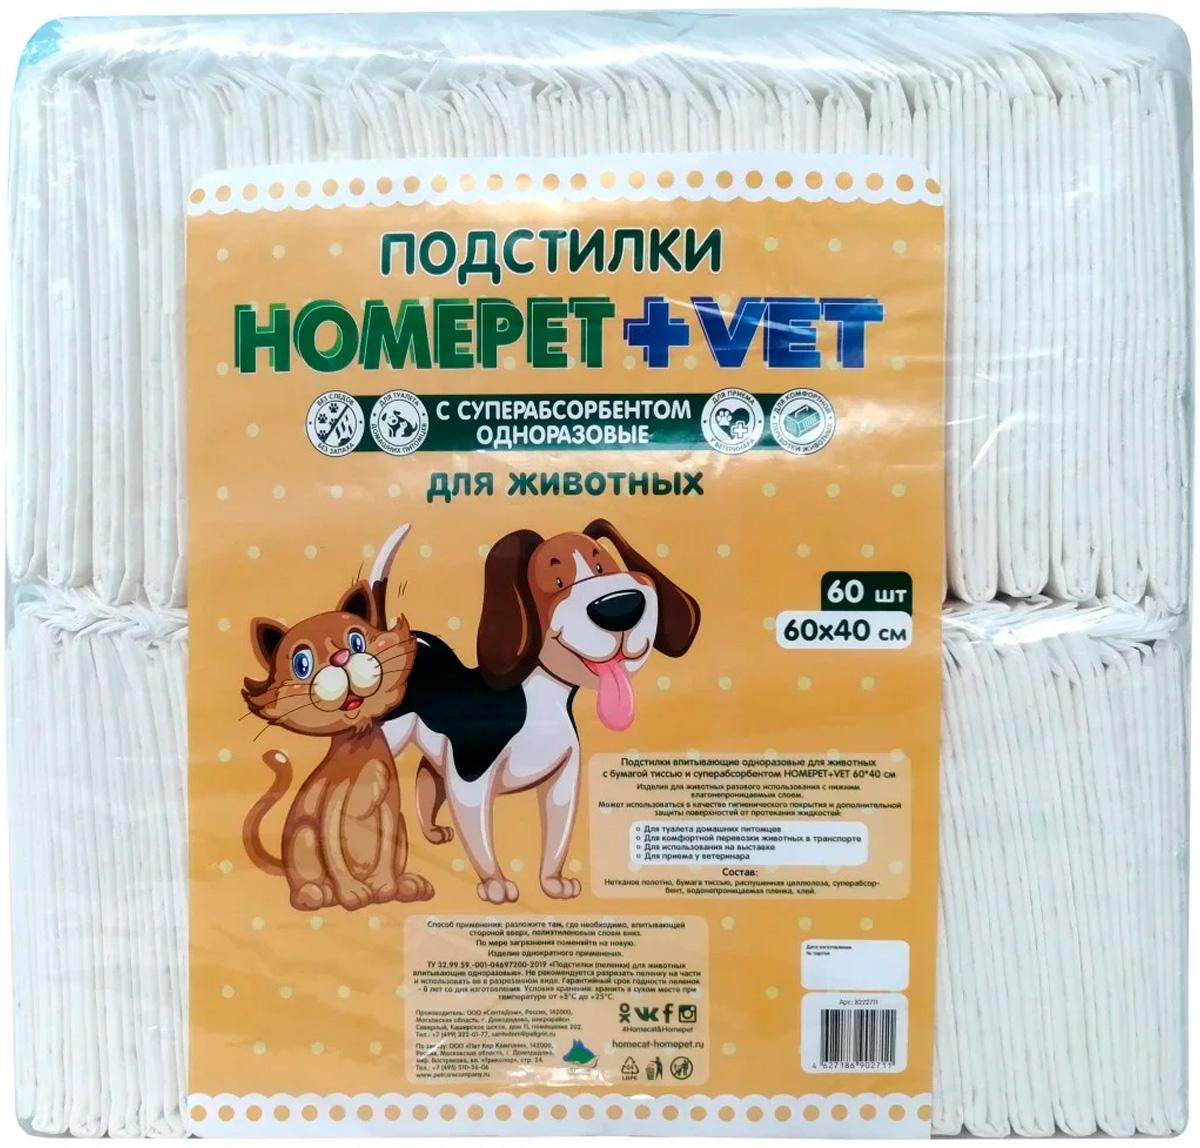 Подстилки впитывающие одноразовые для животных Homepet + Vet с суперабсорбентом 60 х 40 см 60 шт (1 шт)